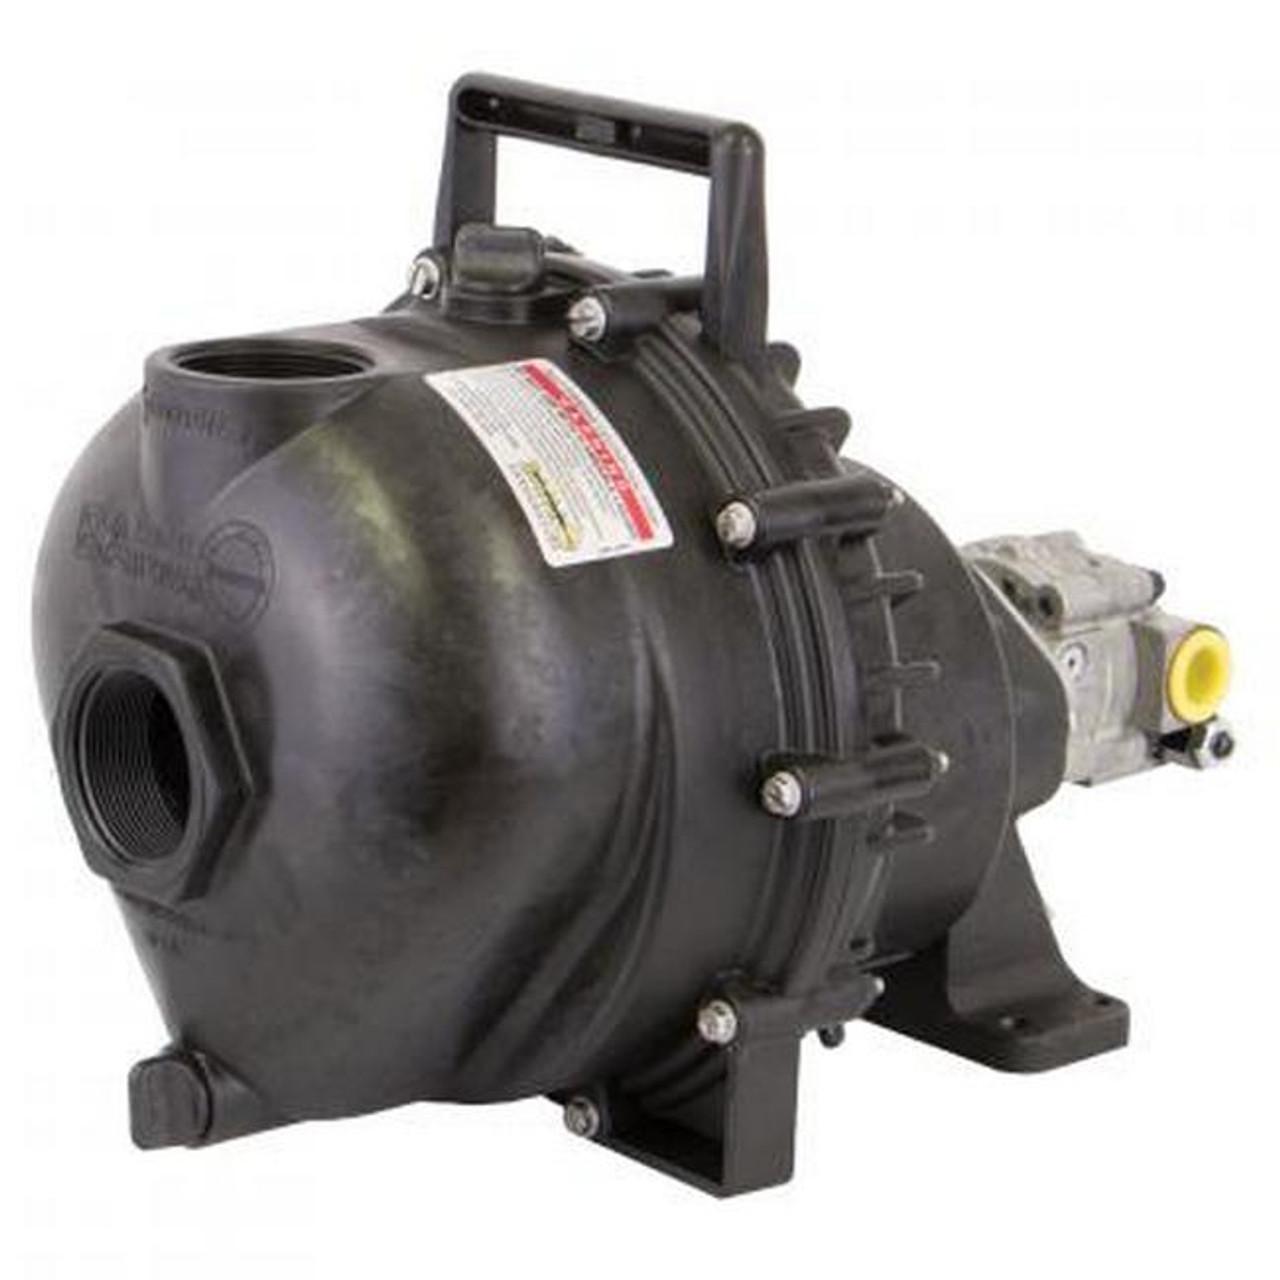 Image result for banjo wet seal centrifugal pumps